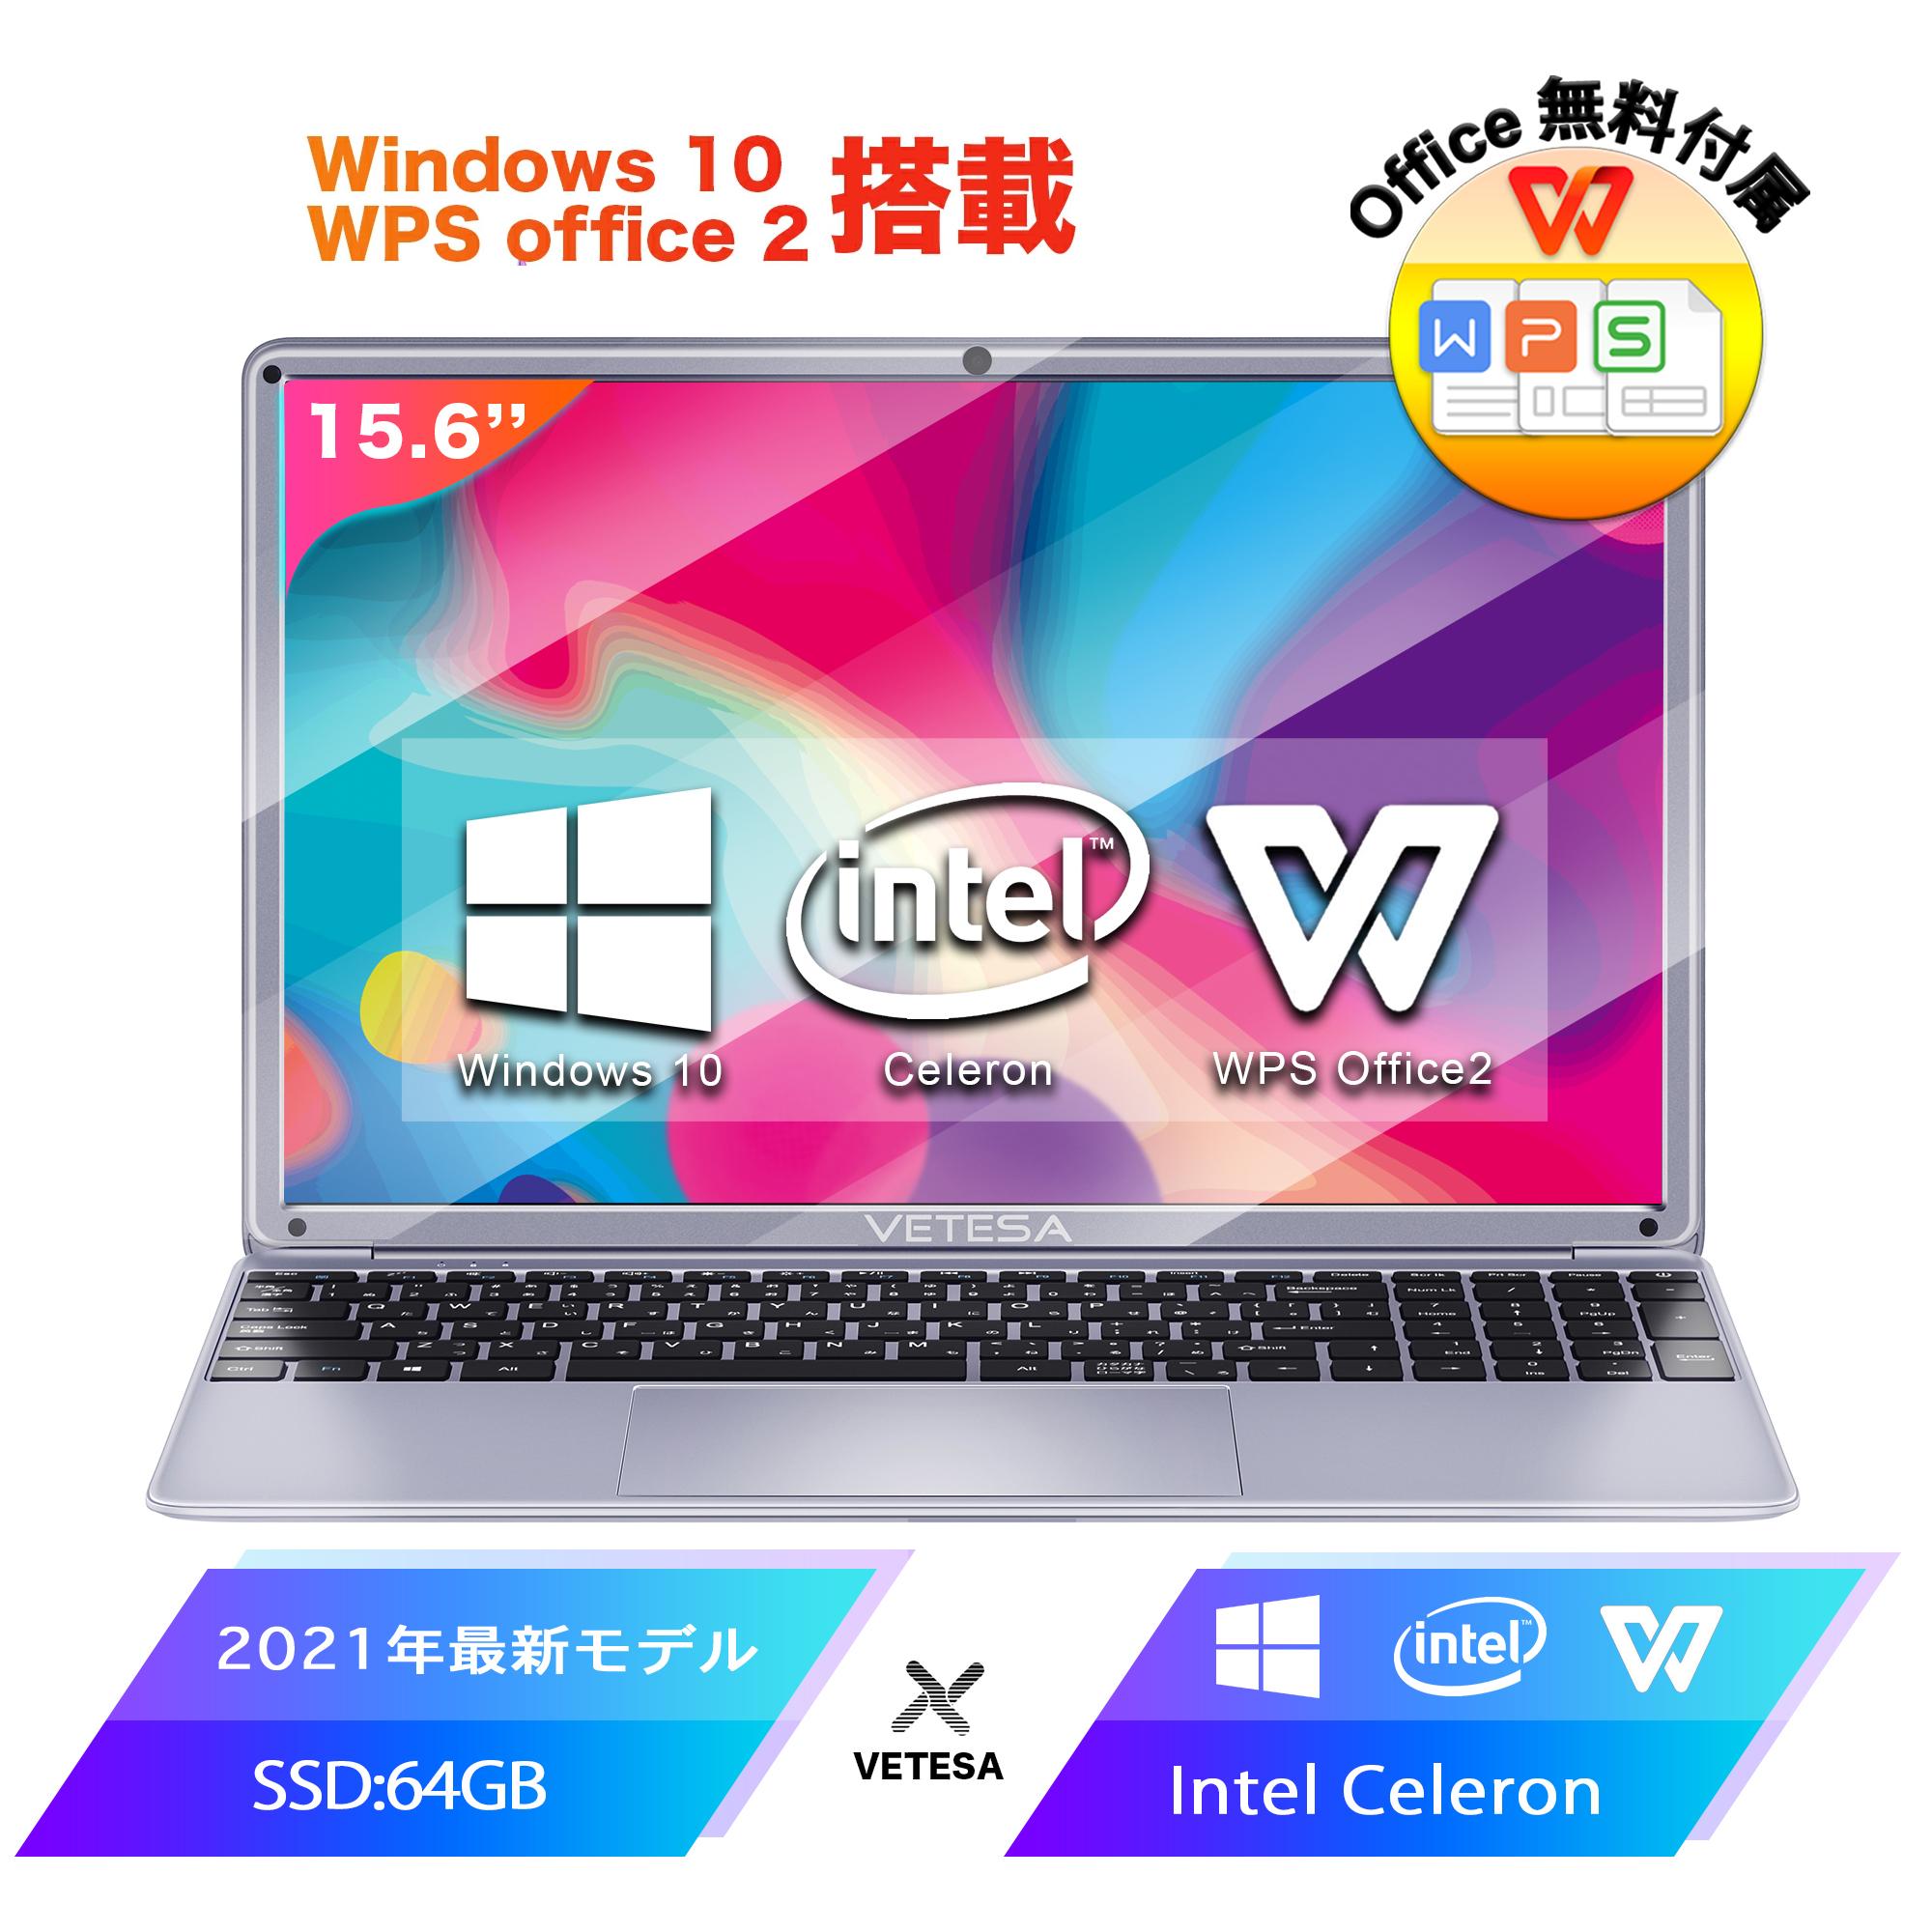 --送料無料-- ノートパソコン新品 Office付き 初心者向け Win10搭載 日本語キーボード テレワーク応援 Celeron N4020 メモリー:4GB/高速SSD:64GB/IPS広視野角15.6型液晶/Webカメラ/10キー/USB 3.0/miniHDMI/無線機能/Bluetooth/超軽量大容量バッテリー/ノートPC在宅勤務(N15DP1)